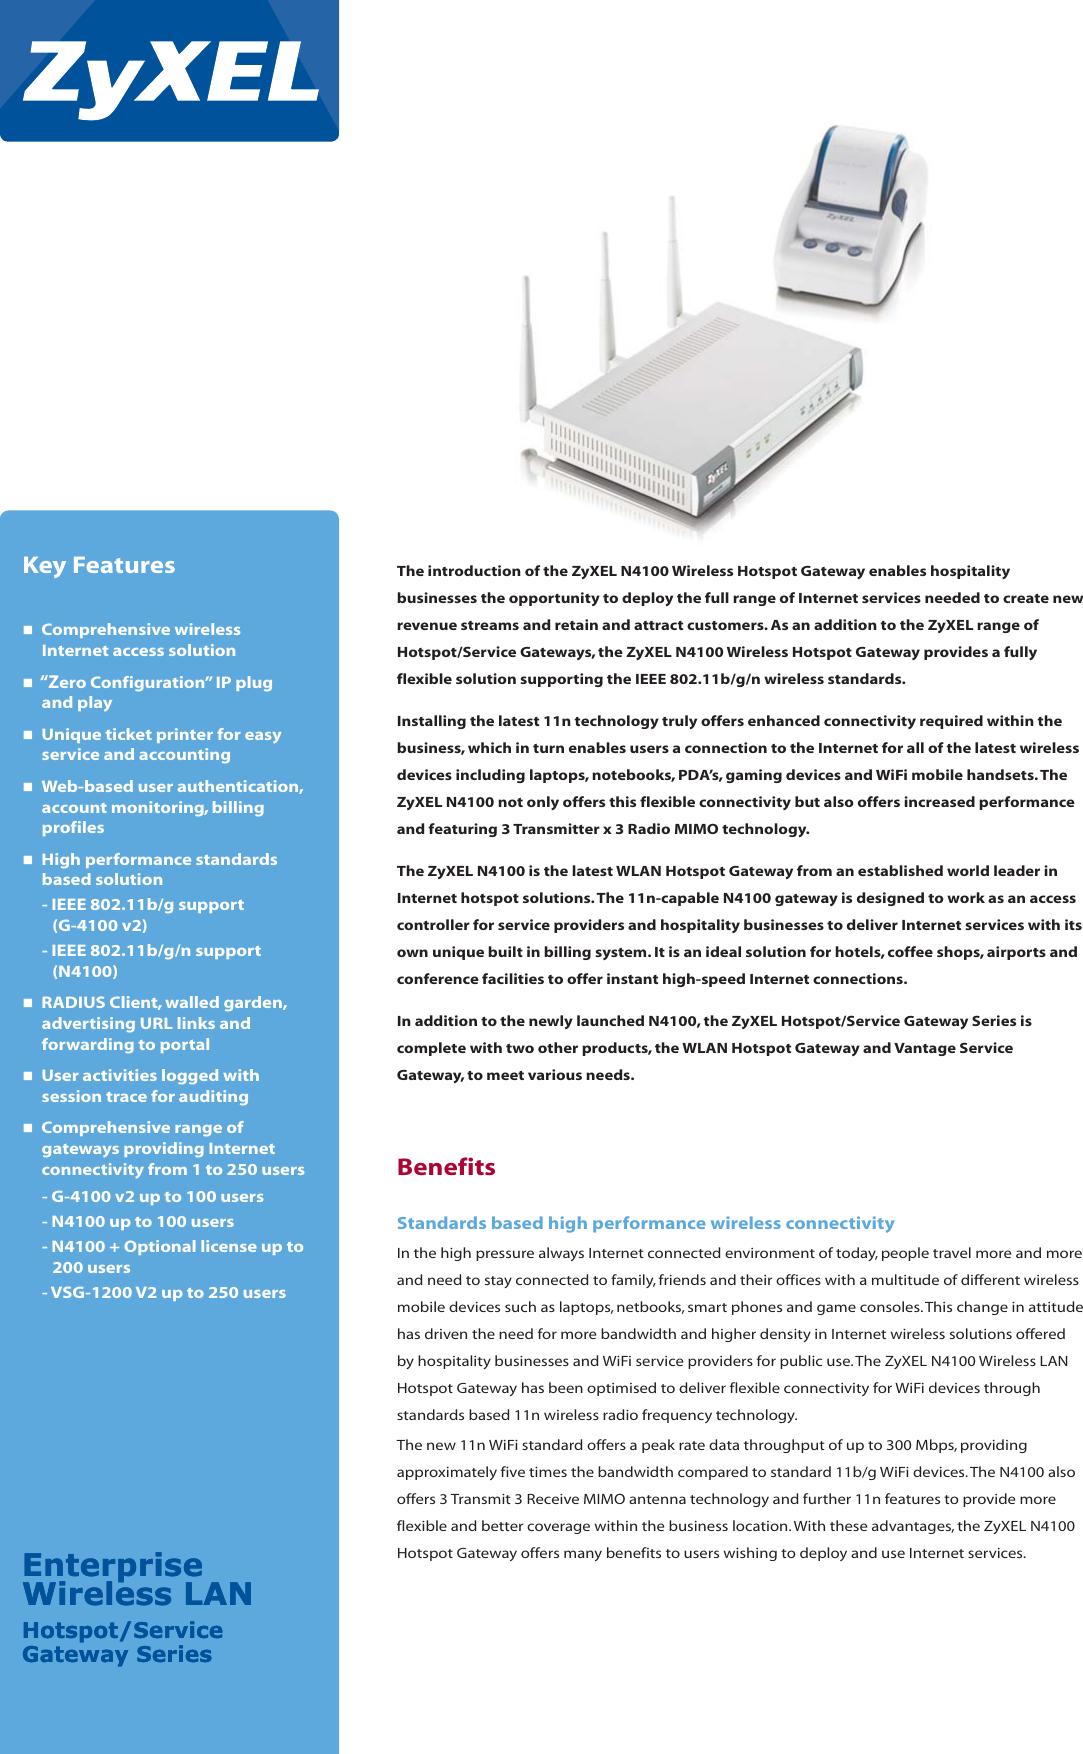 Zyxel Wireless N Hotspot Gateway N4100 Users Manual